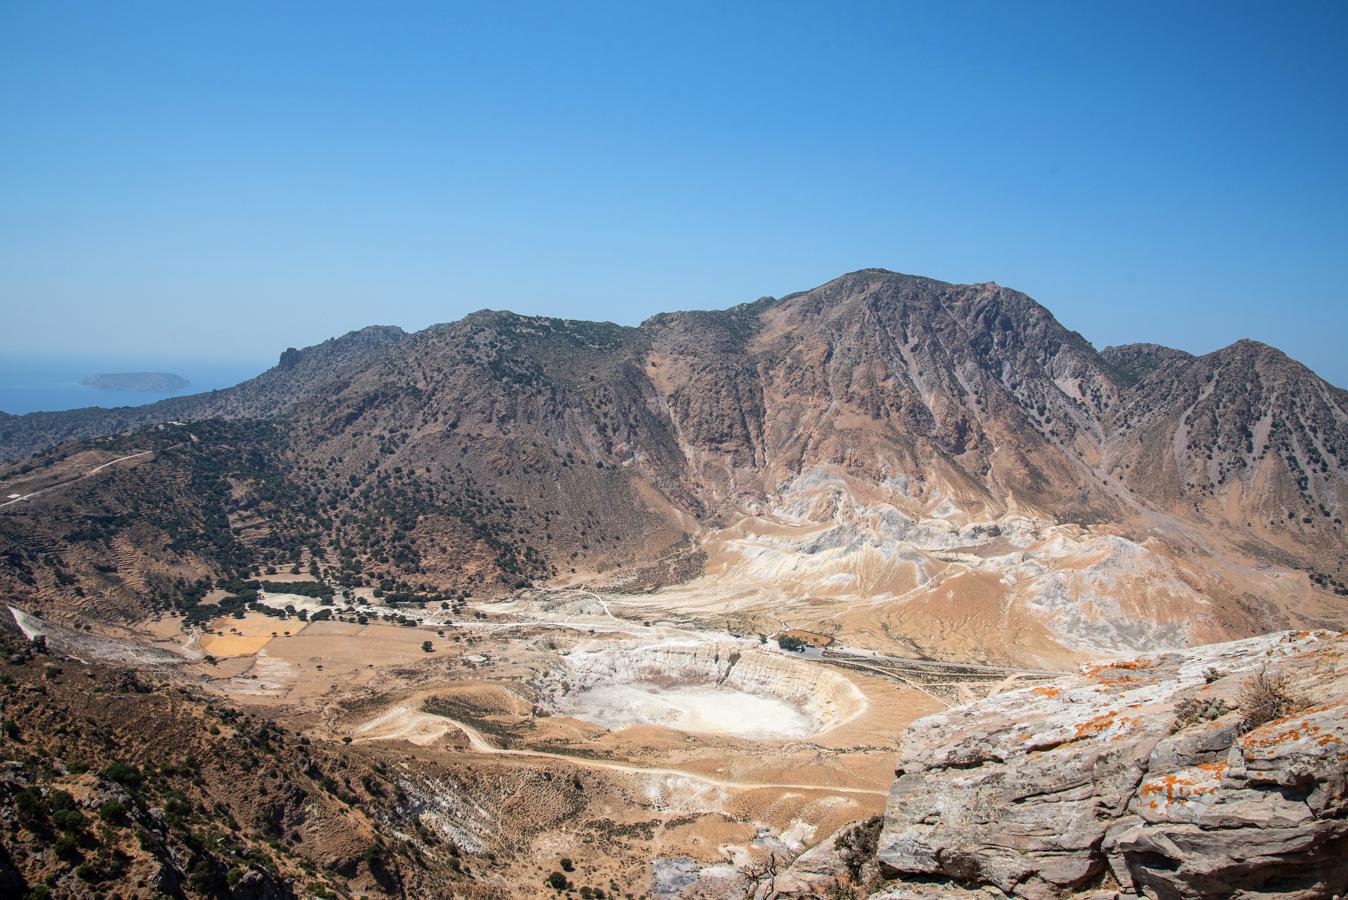 Griechenland-Urlaub: Stephanos Krater auf Nisyros von Nikia aus